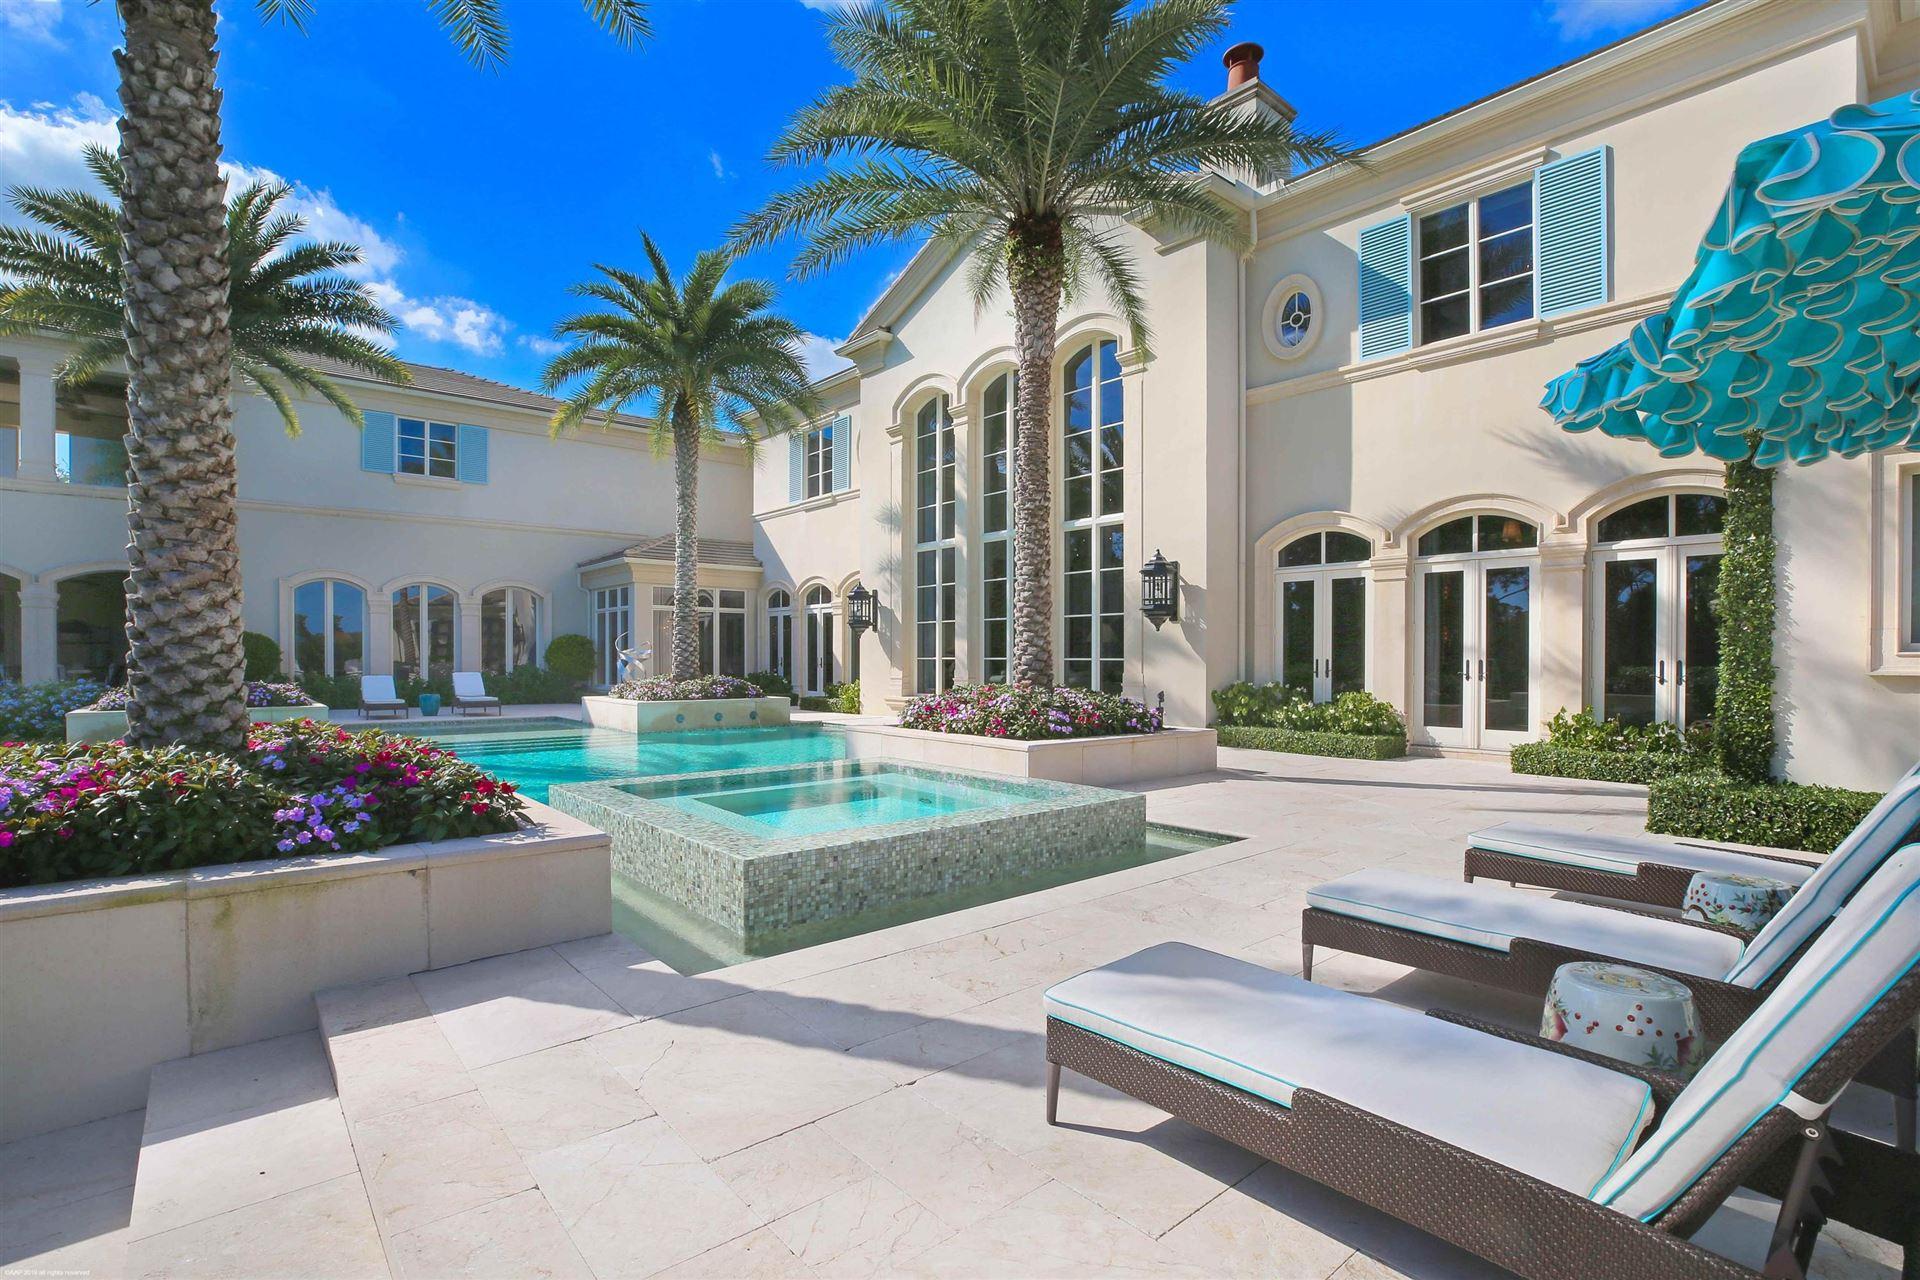 Photo of 11748 Belladonna Court, Palm Beach Gardens, FL 33418 (MLS # RX-10585275)